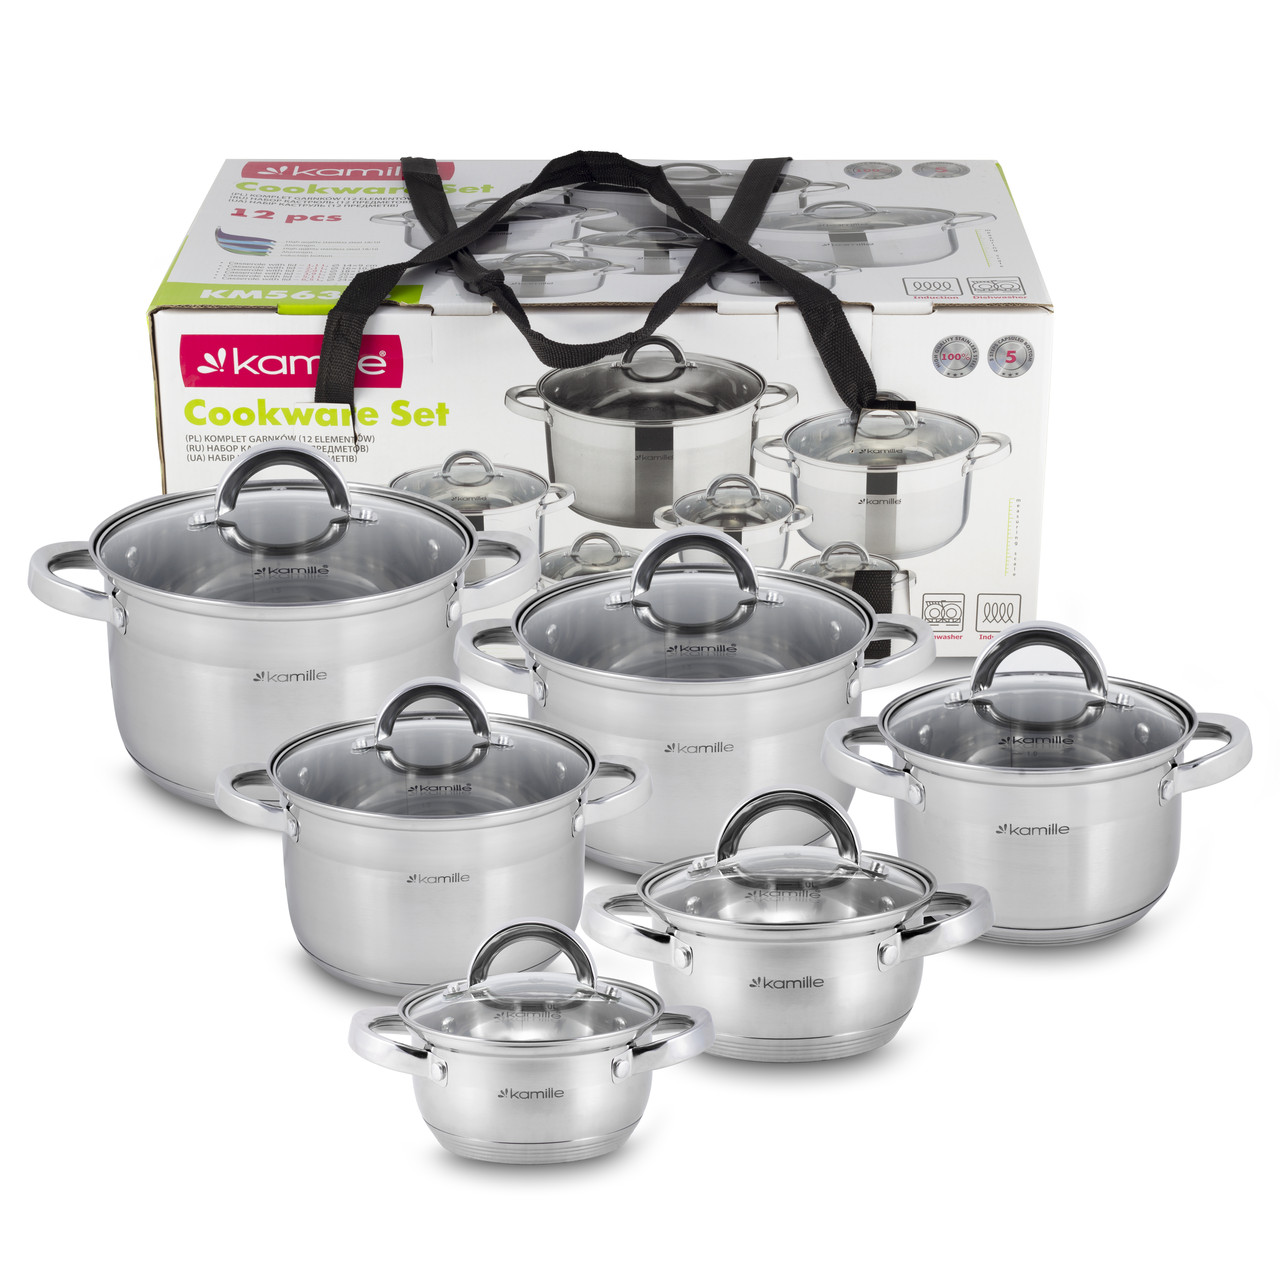 Набор посуды Kamille 12 предметов (кастрюли 1л, 1.8л, 2.5л, 3.8л, 4,5 л, 6.5л; полые ручки) из нерж. стали KM-5638S